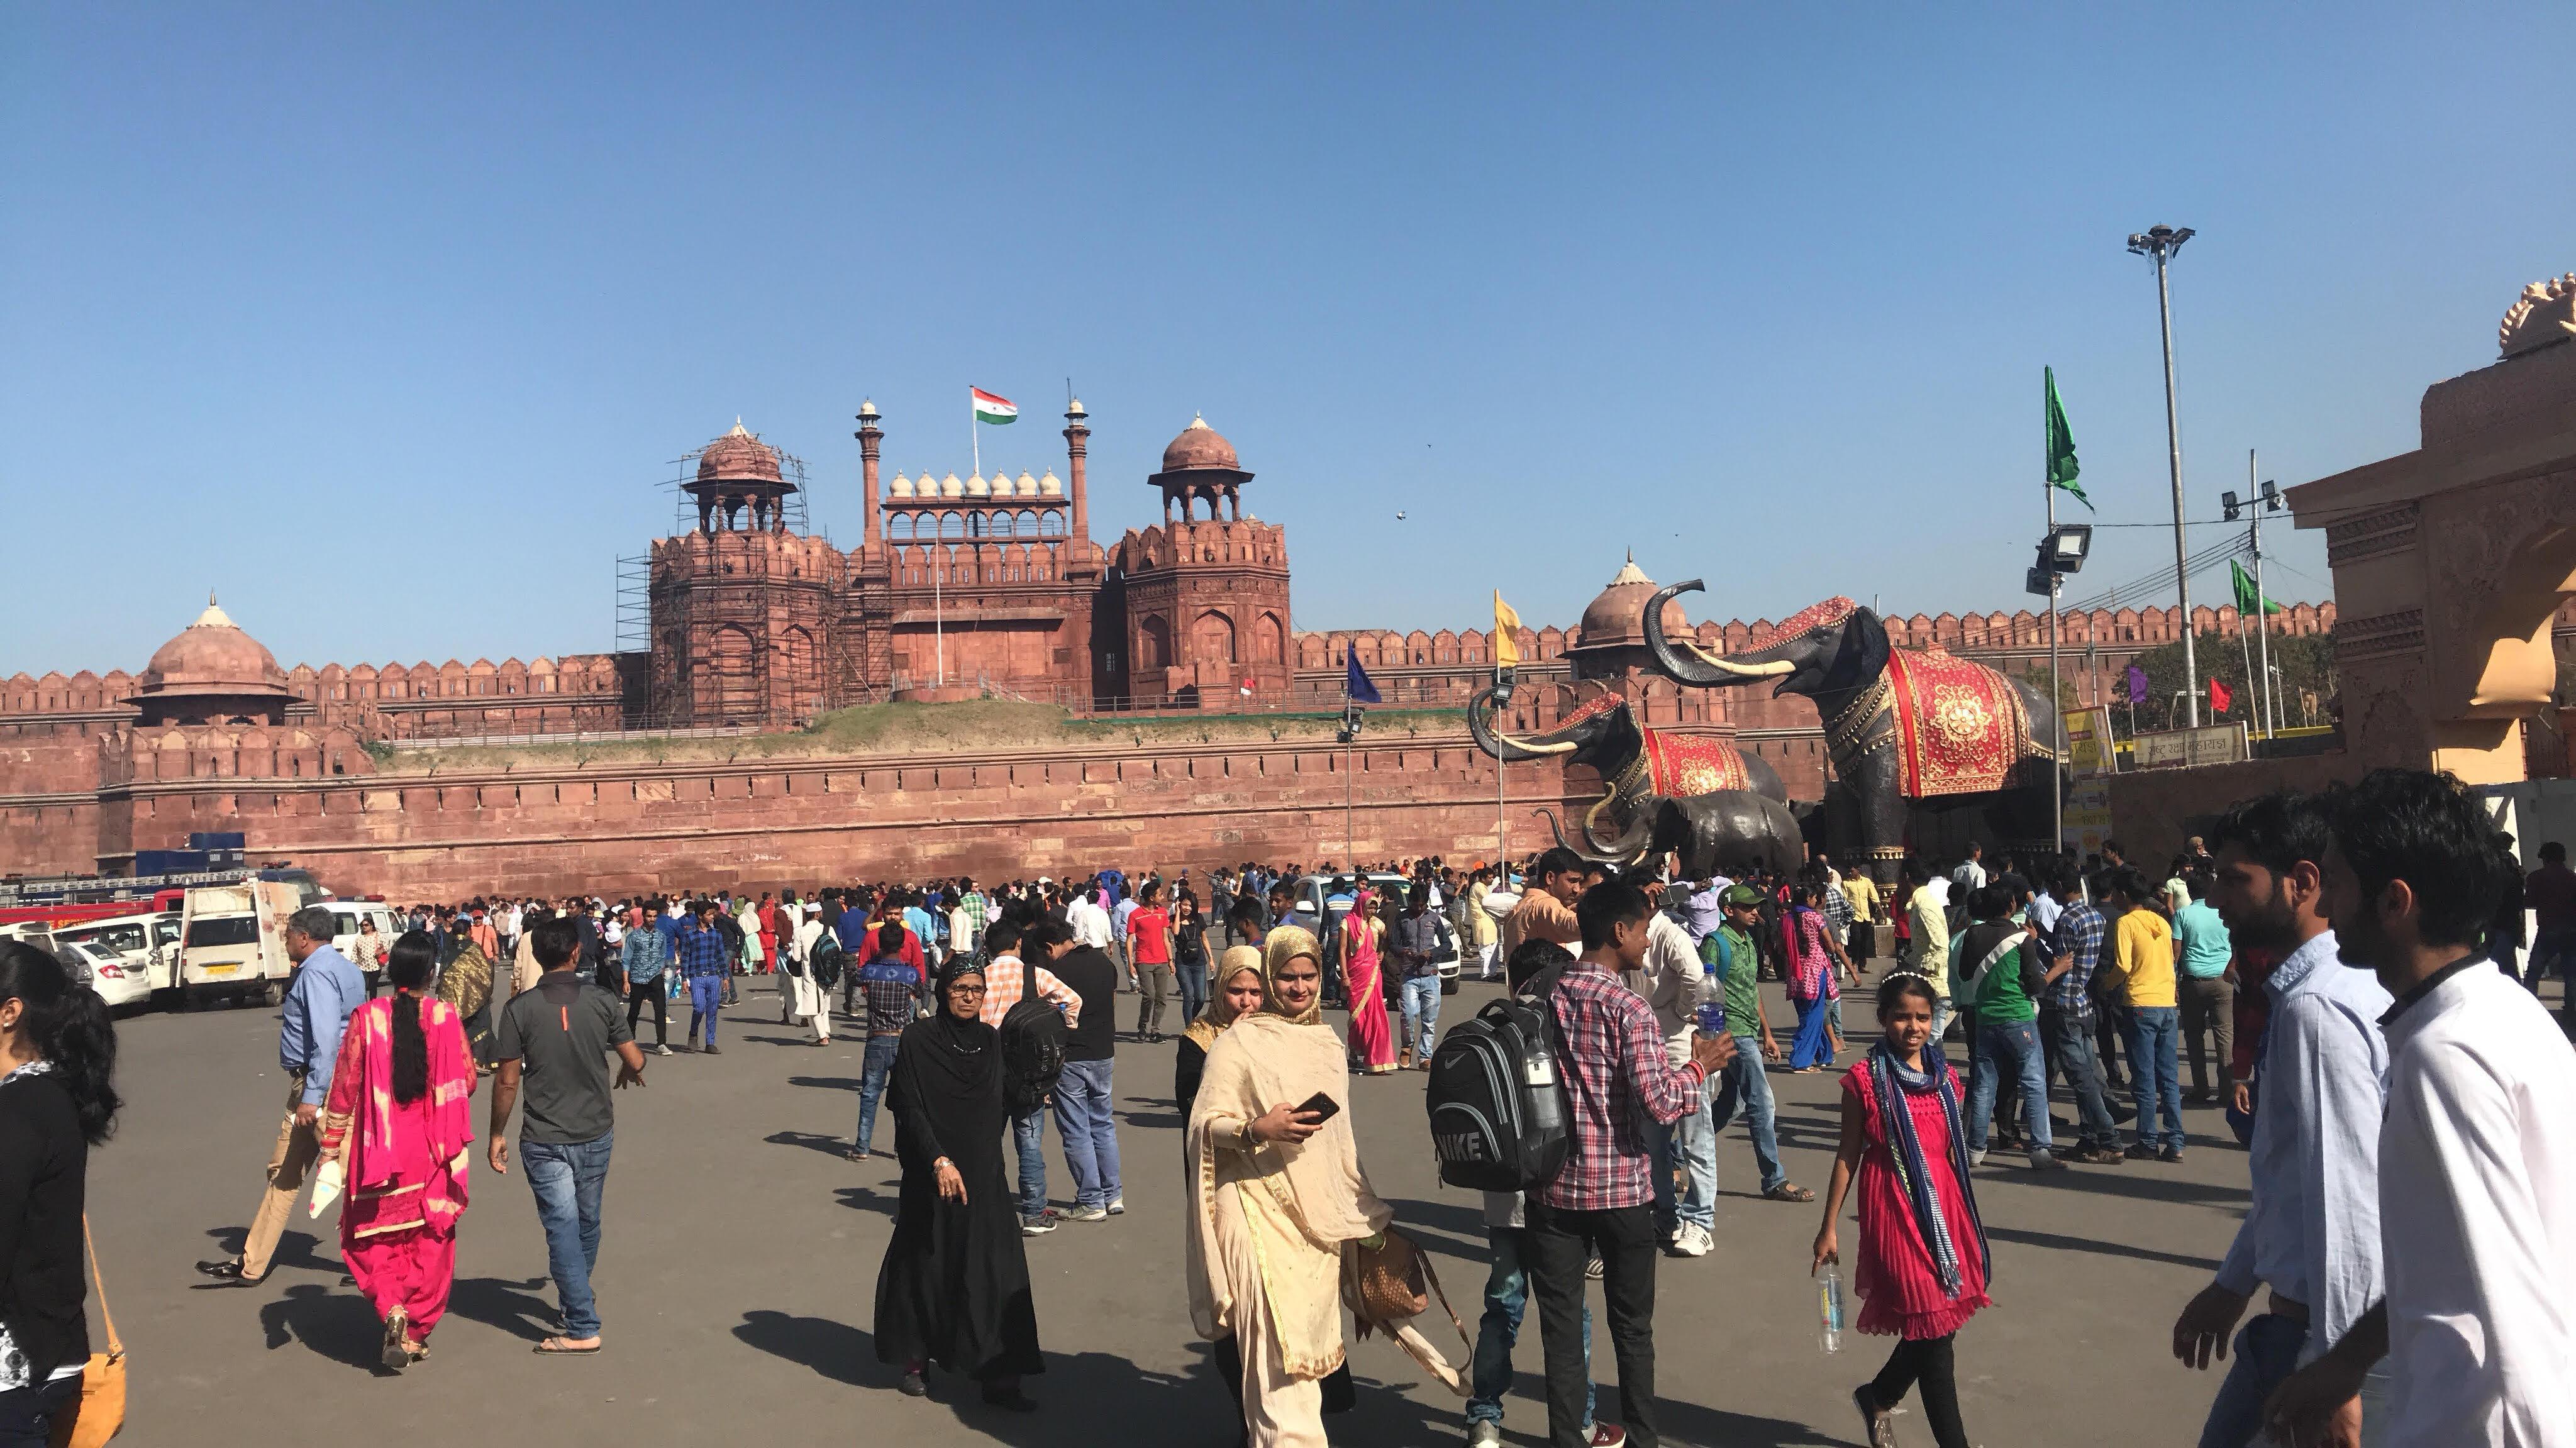 hindistan gezilecek yerler listesi